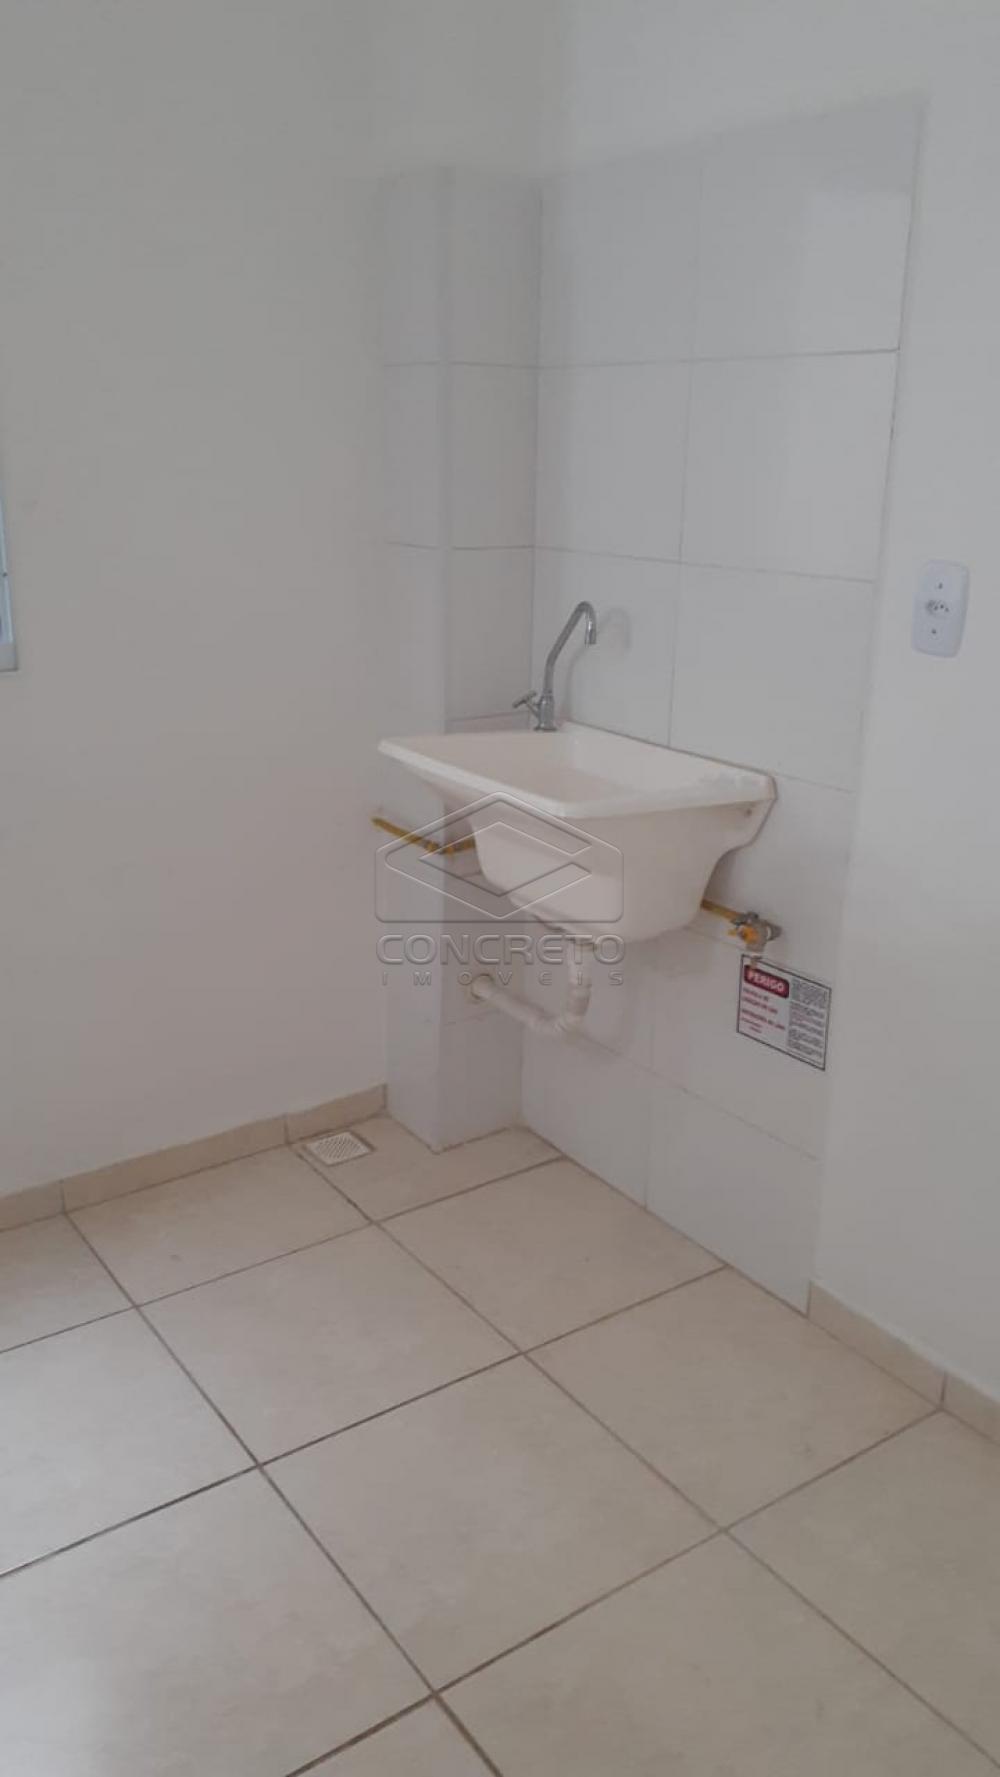 Alugar Apartamento / Padrão em Bauru R$ 790,00 - Foto 8